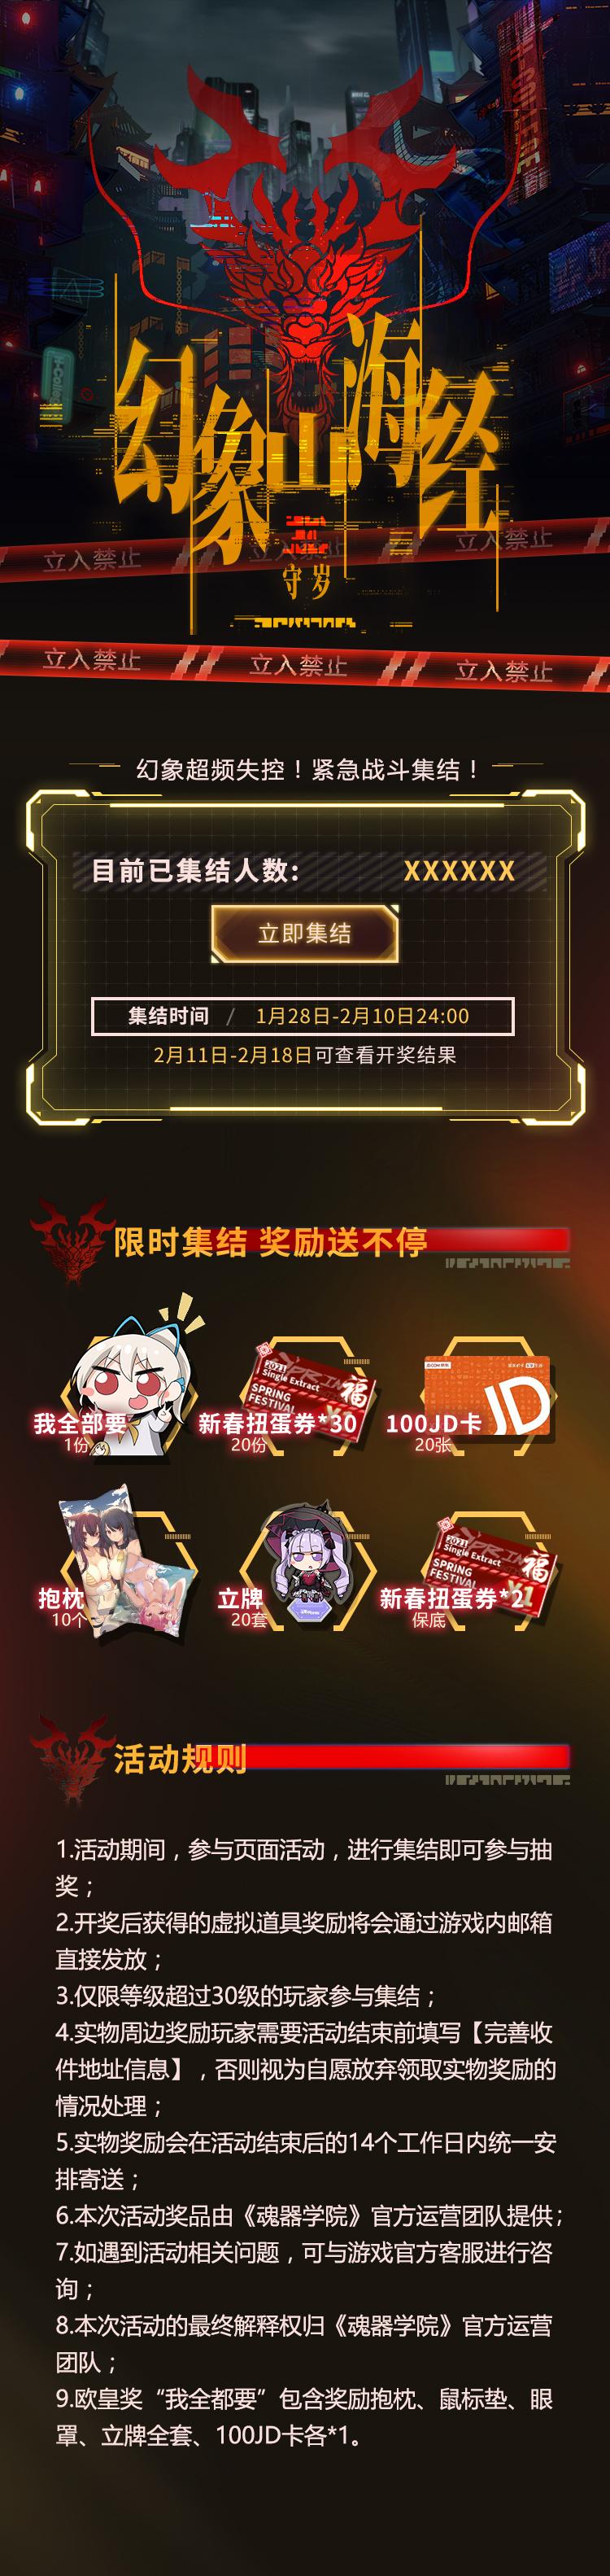 春节版本活动【集结令】【动员令】来袭!奖励送不停!